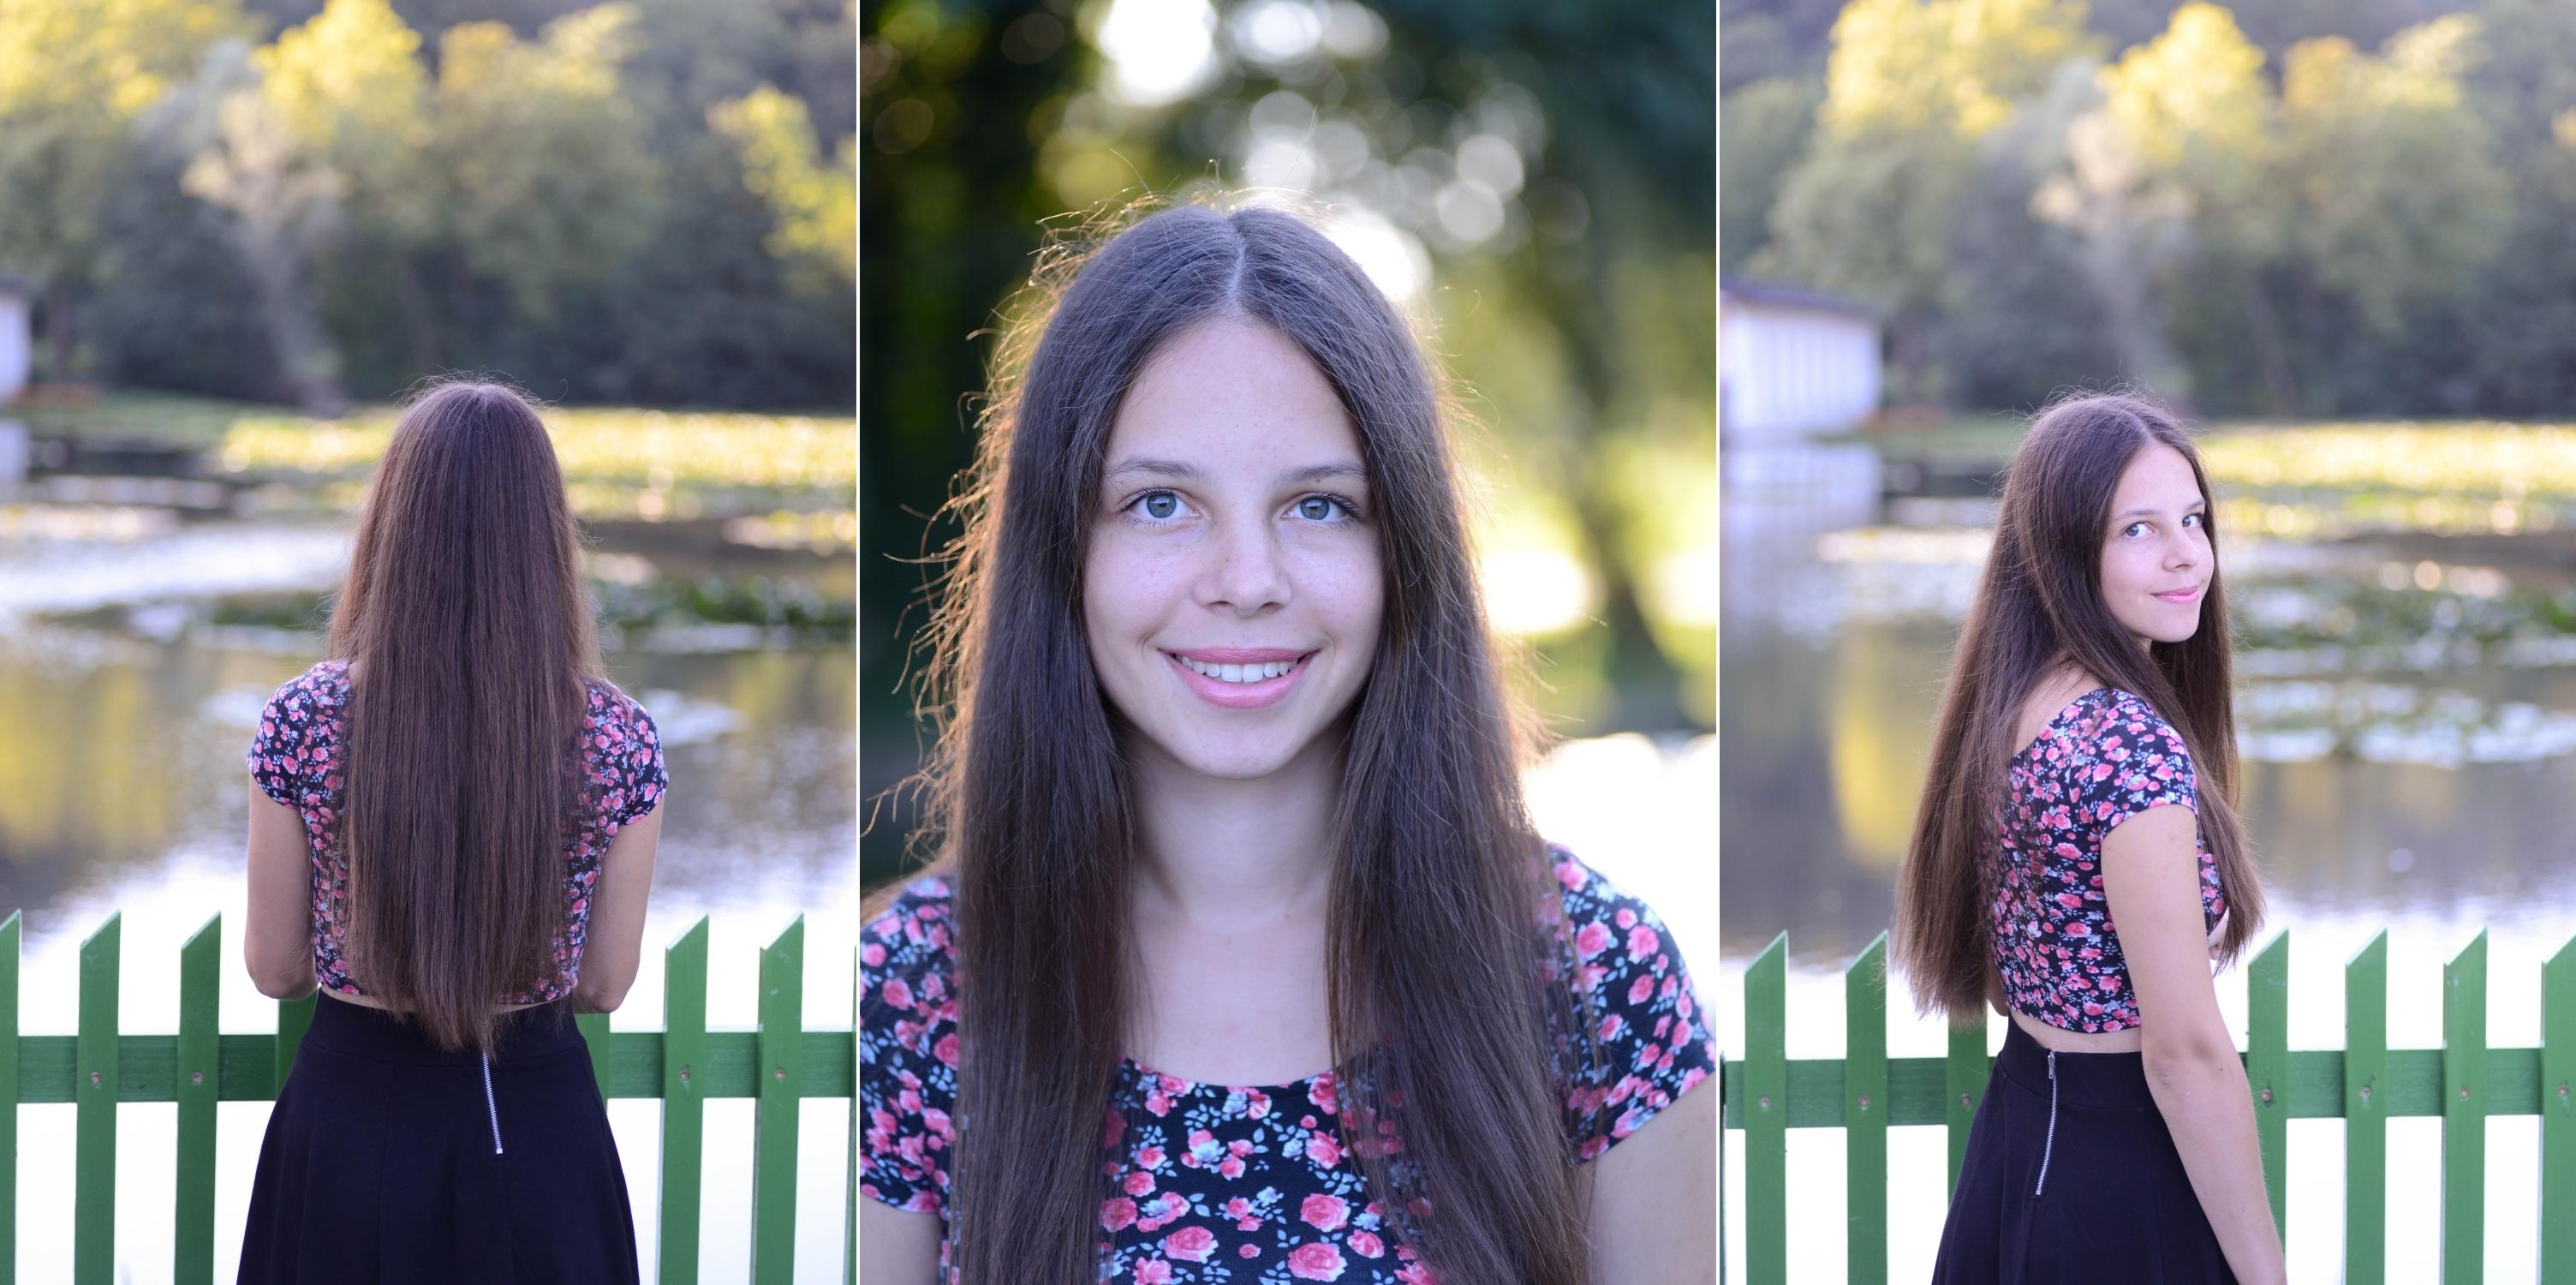 Ana in Ksenja_008-horz